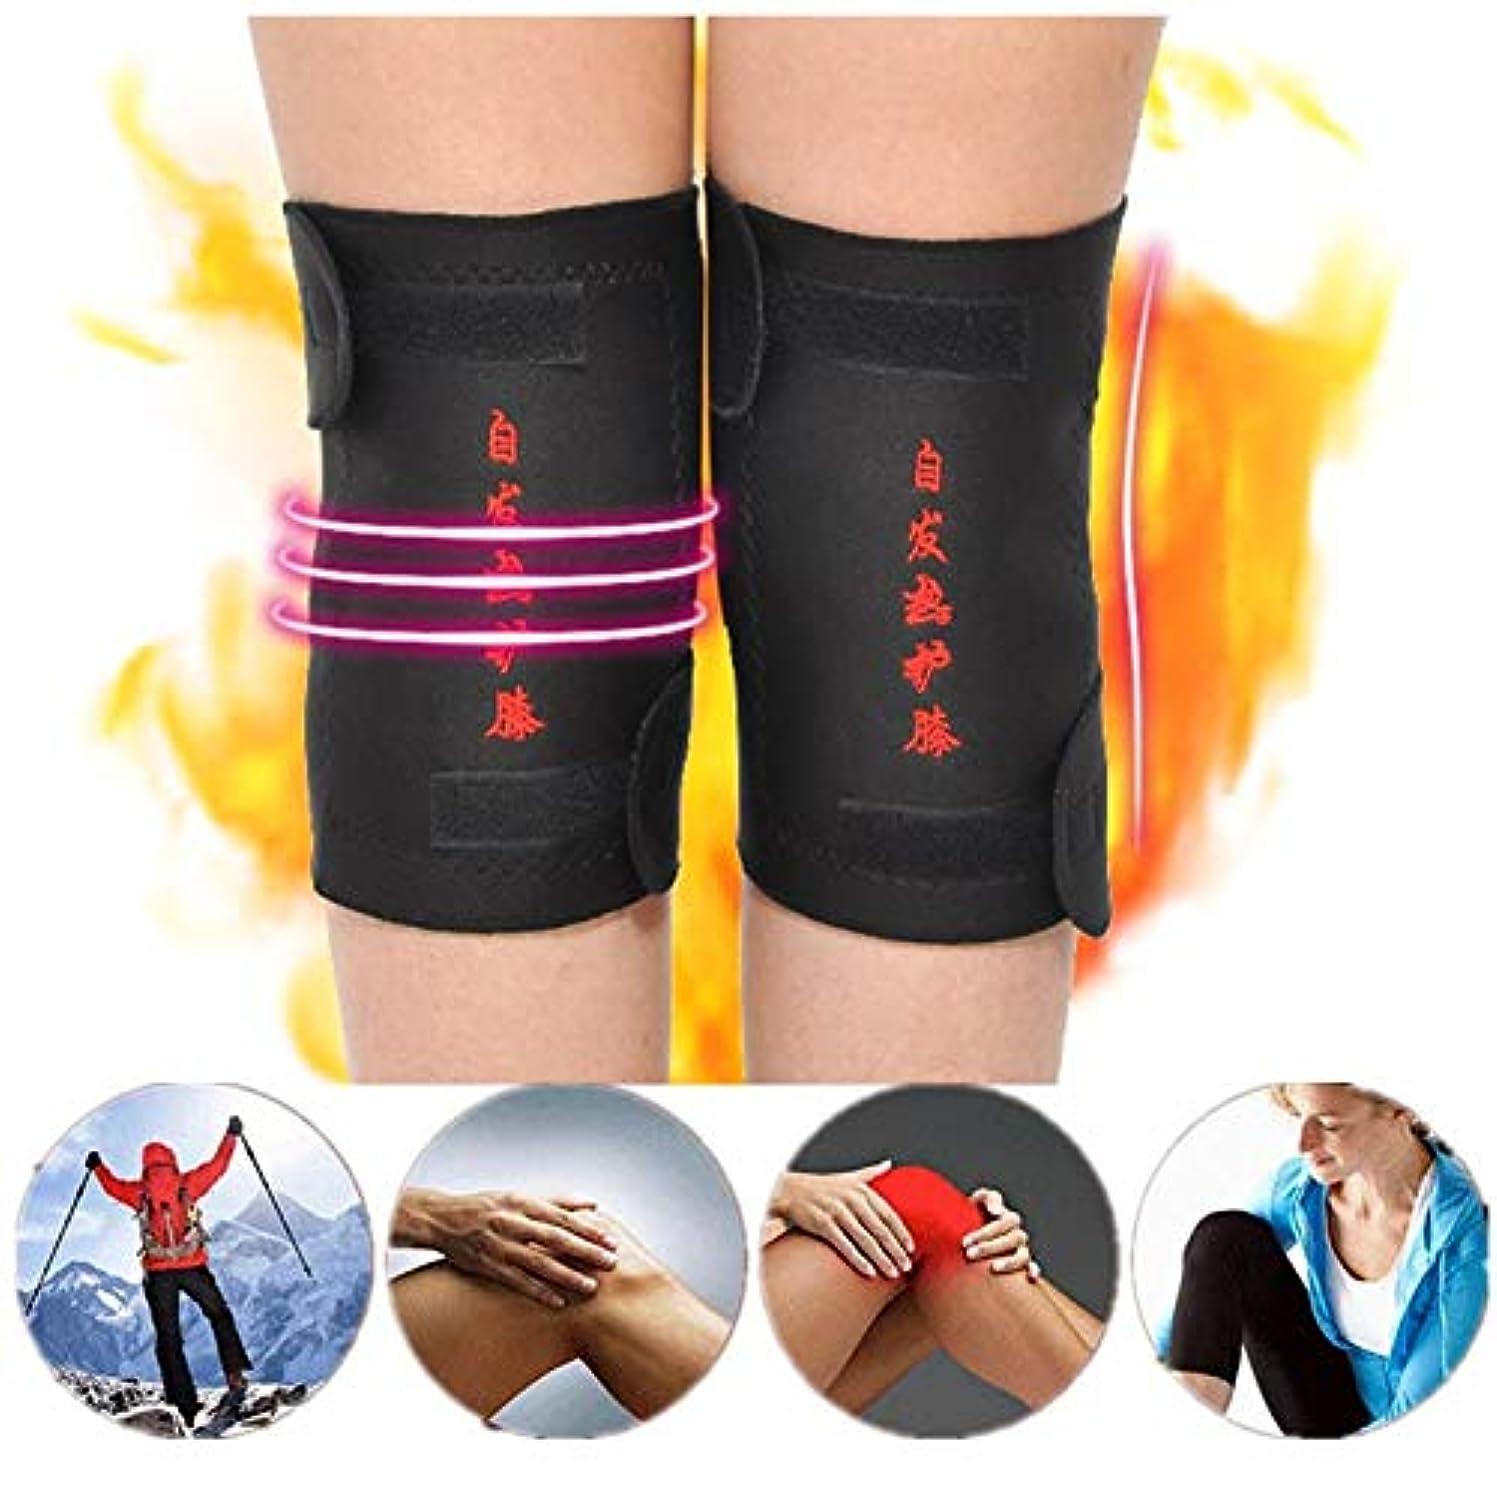 救急車認可さまよう1 ペア 毎日健康 ケア 膝の痛み救済傷害捻挫自己加熱された膝 パッド 付き磁気治療内部加熱膝 パッド